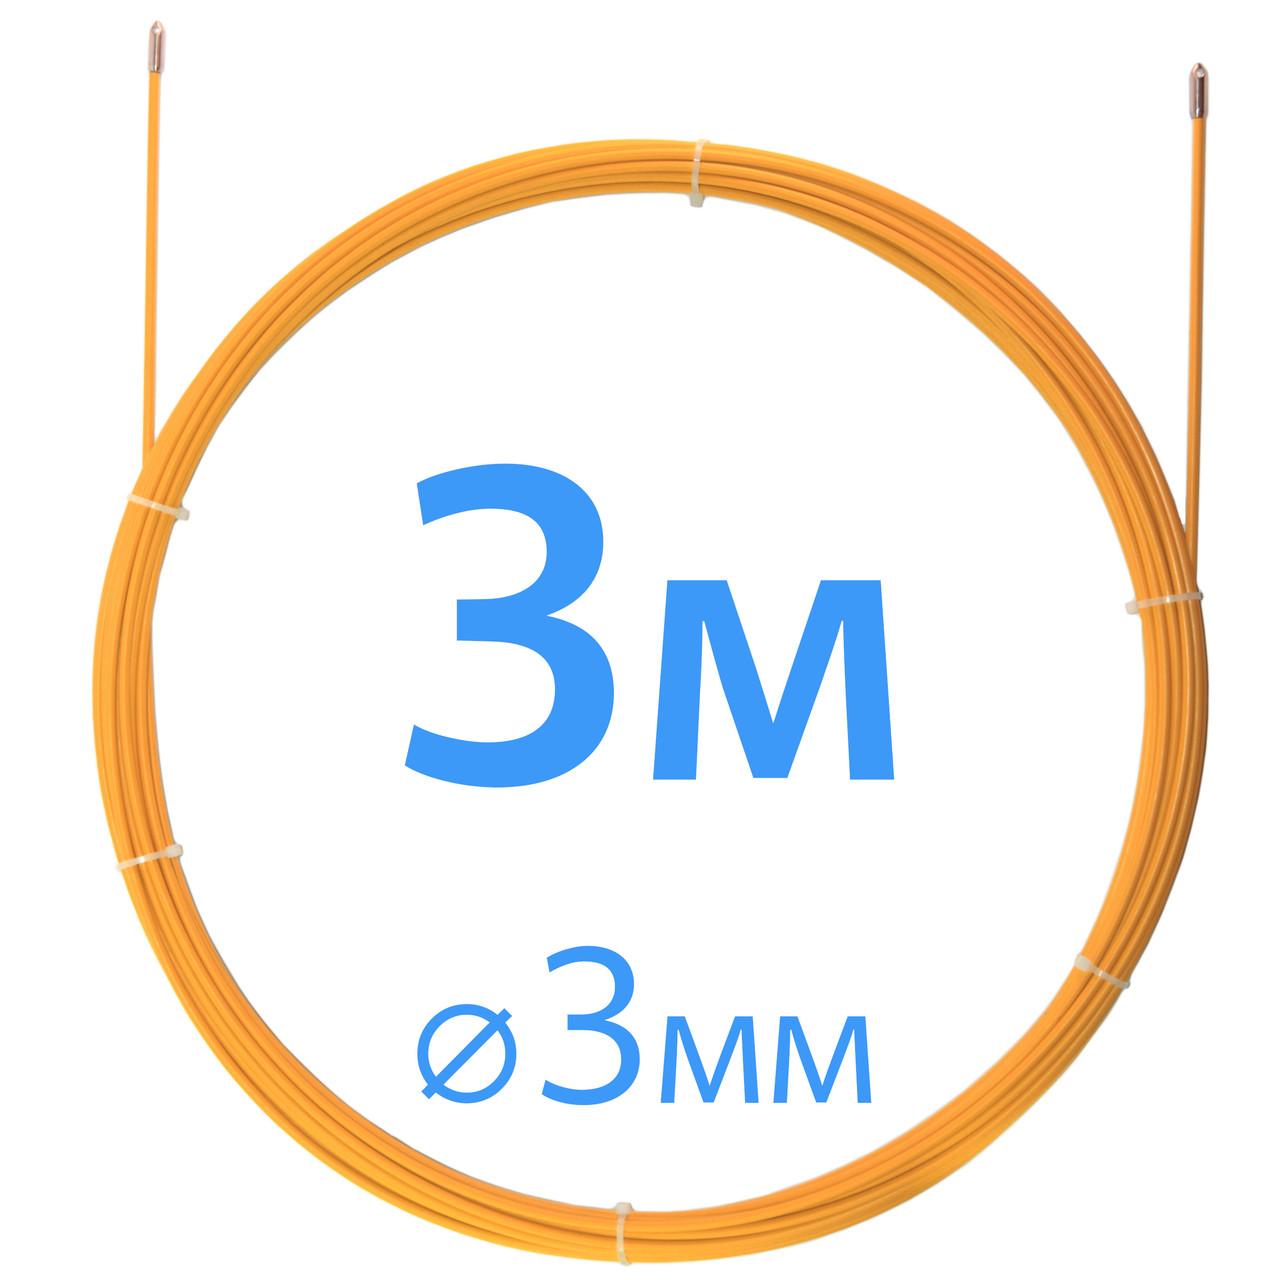 Кабельная протяжка, стеклопруток 3мм х 3м